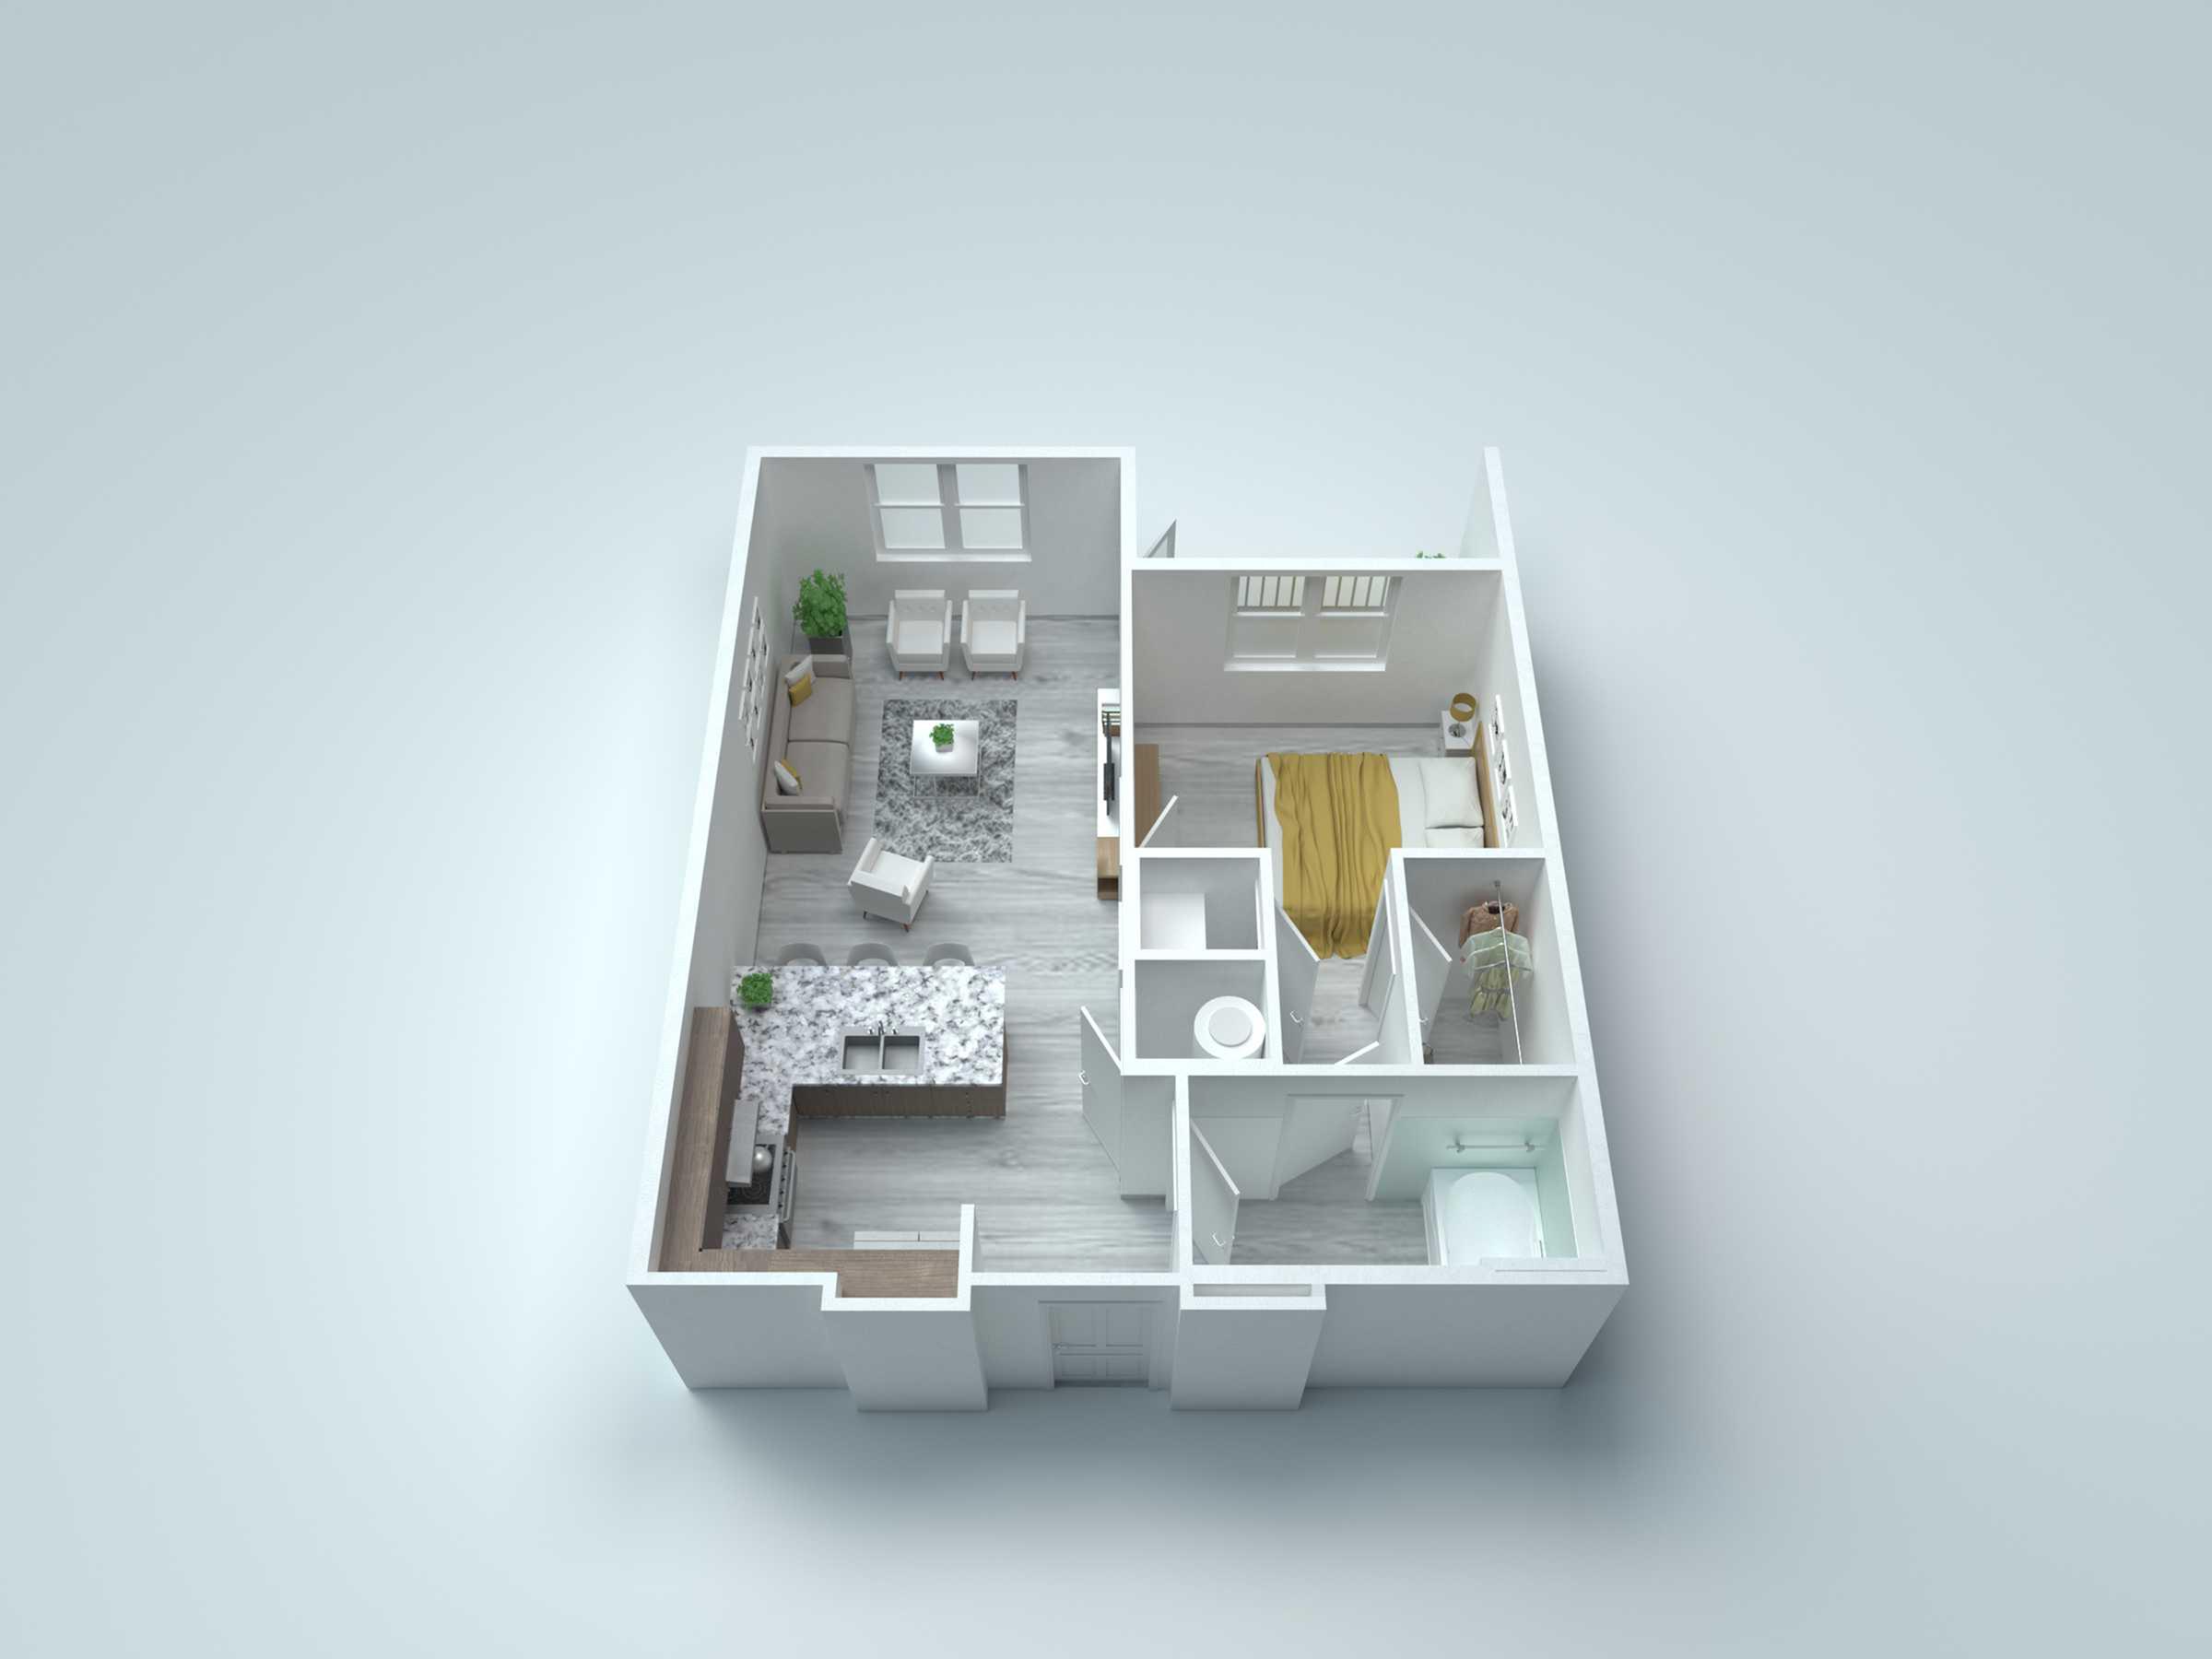 A1 Alt2 Floor Plan